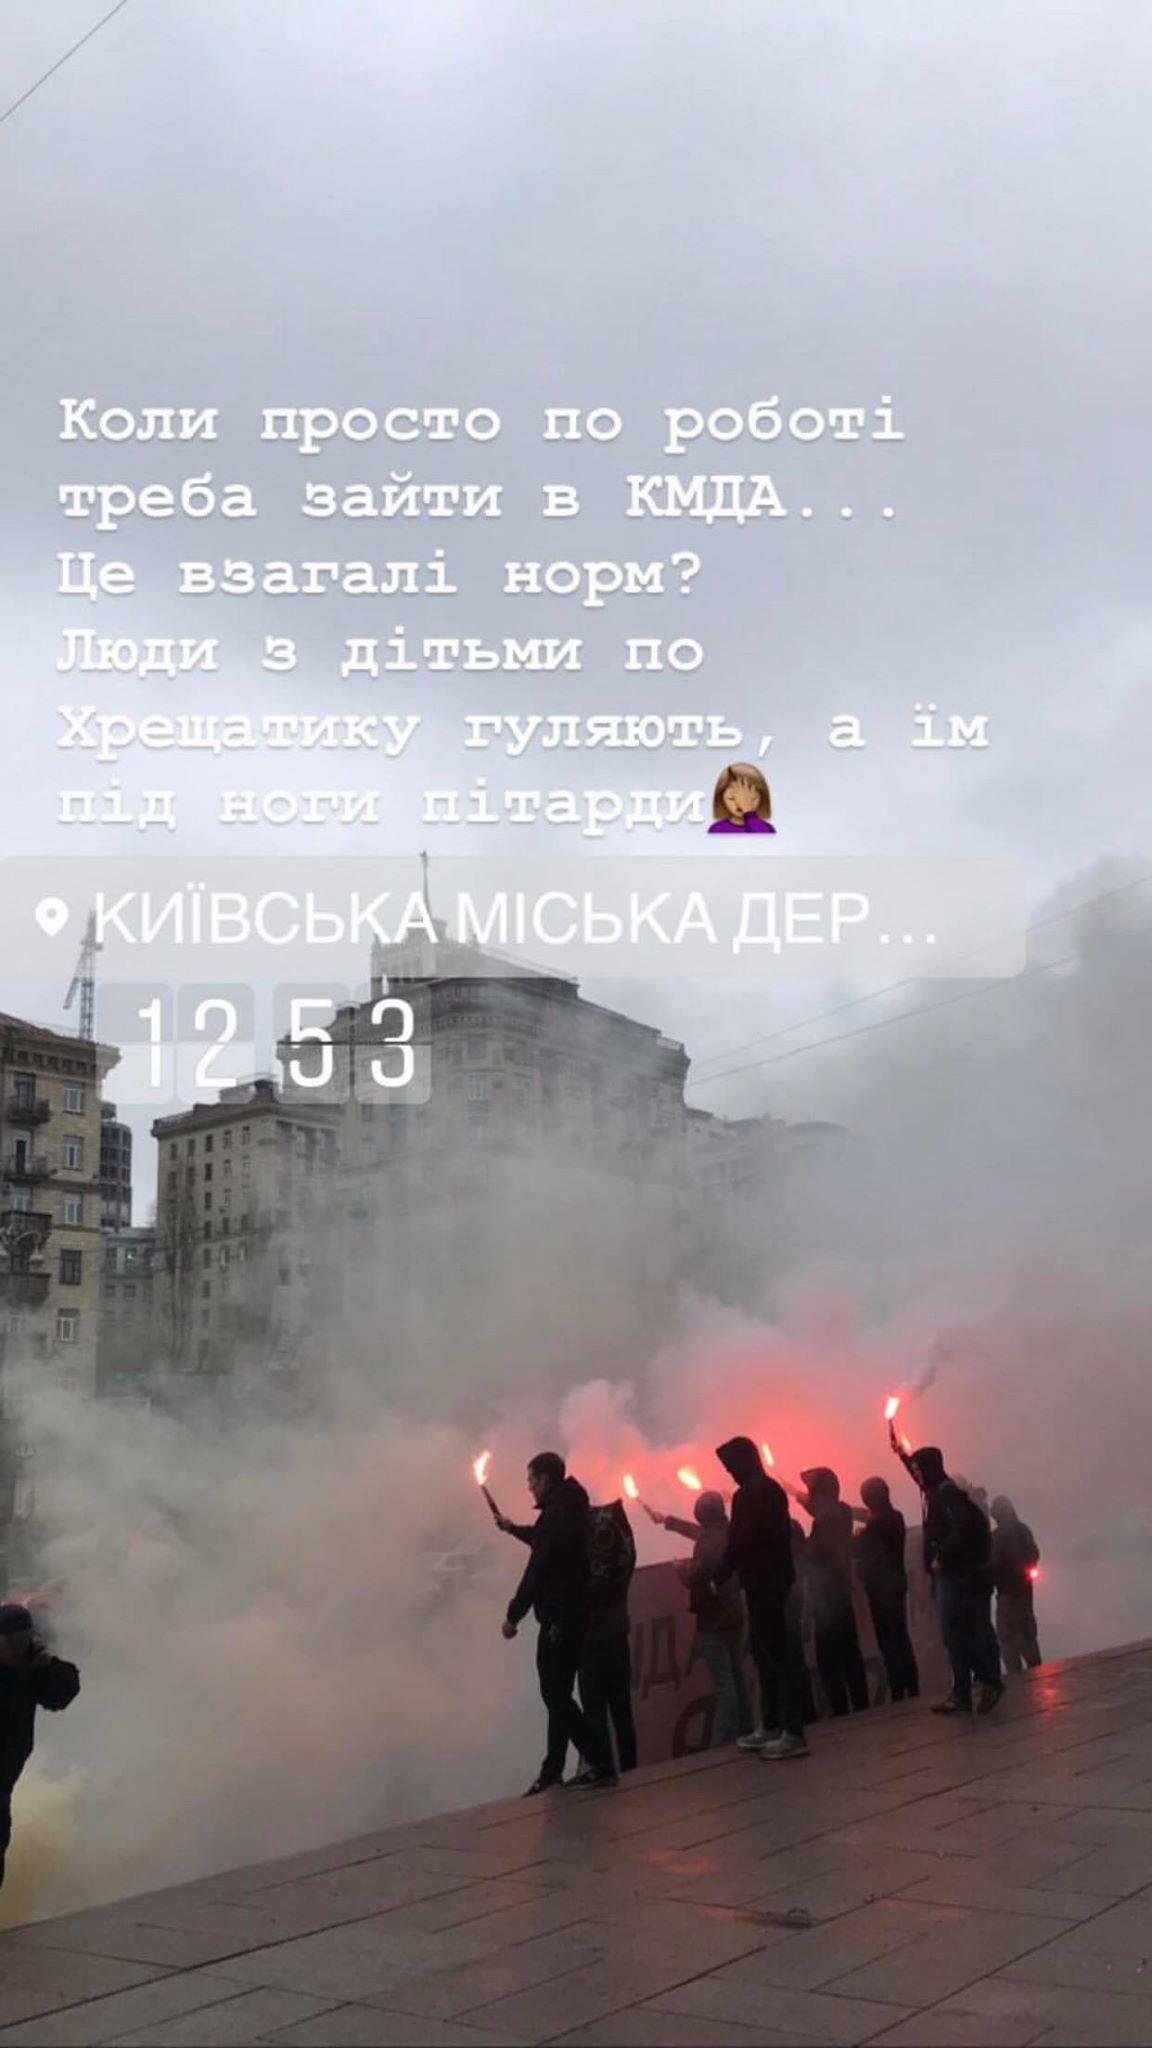 Жители Киева уже выкладывают истории с митингующими. И многим не нравится, что в центре Киева звучат взрывы